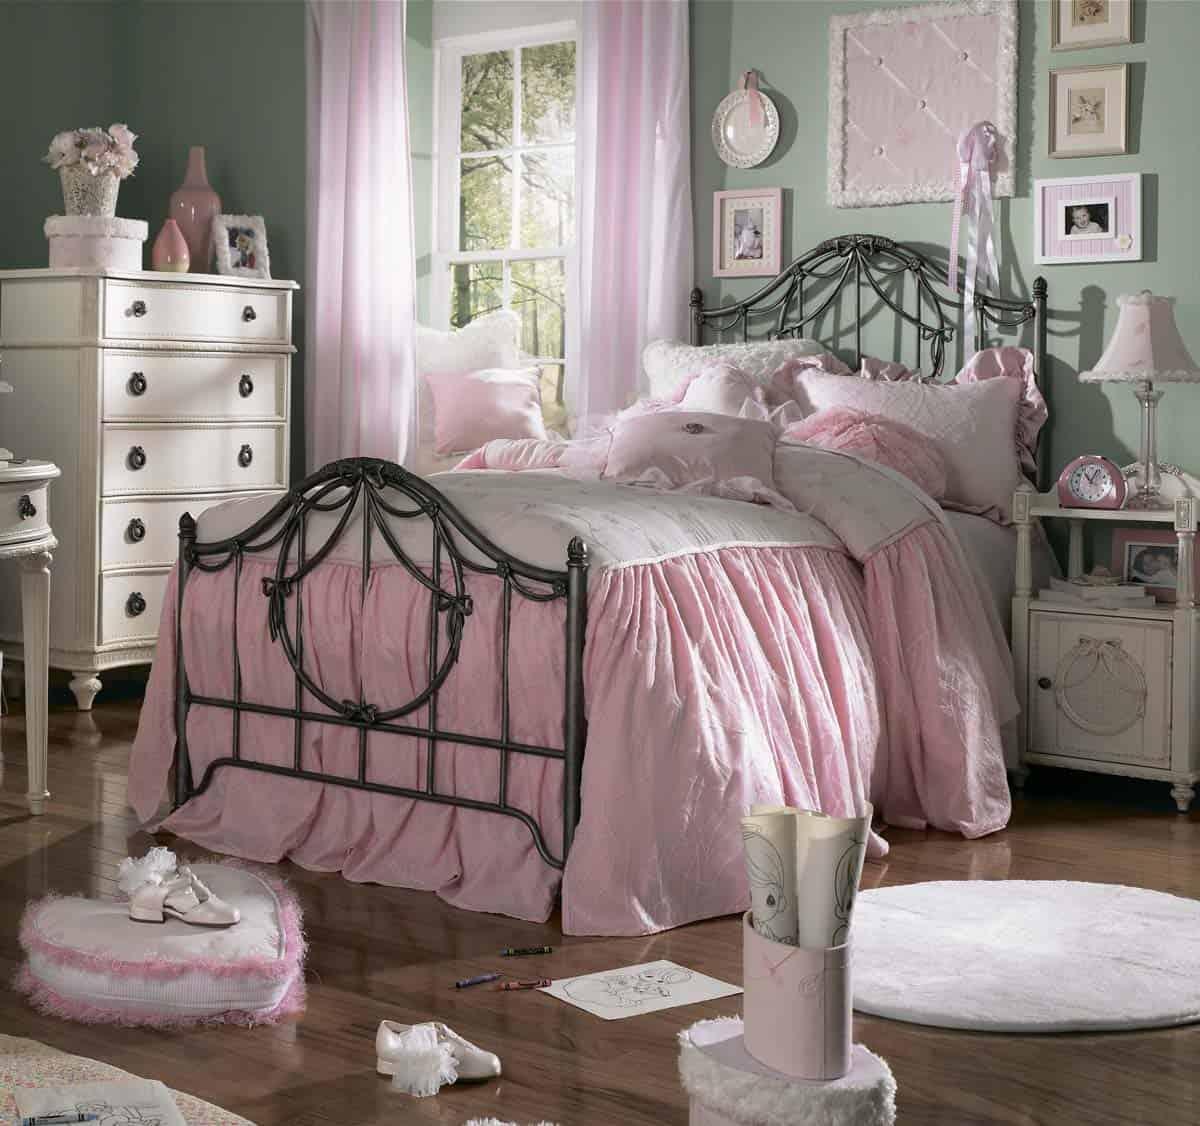 Eligiendo muebles antiguos para el dormitorio visita casas - Muebles estilo antiguo ...